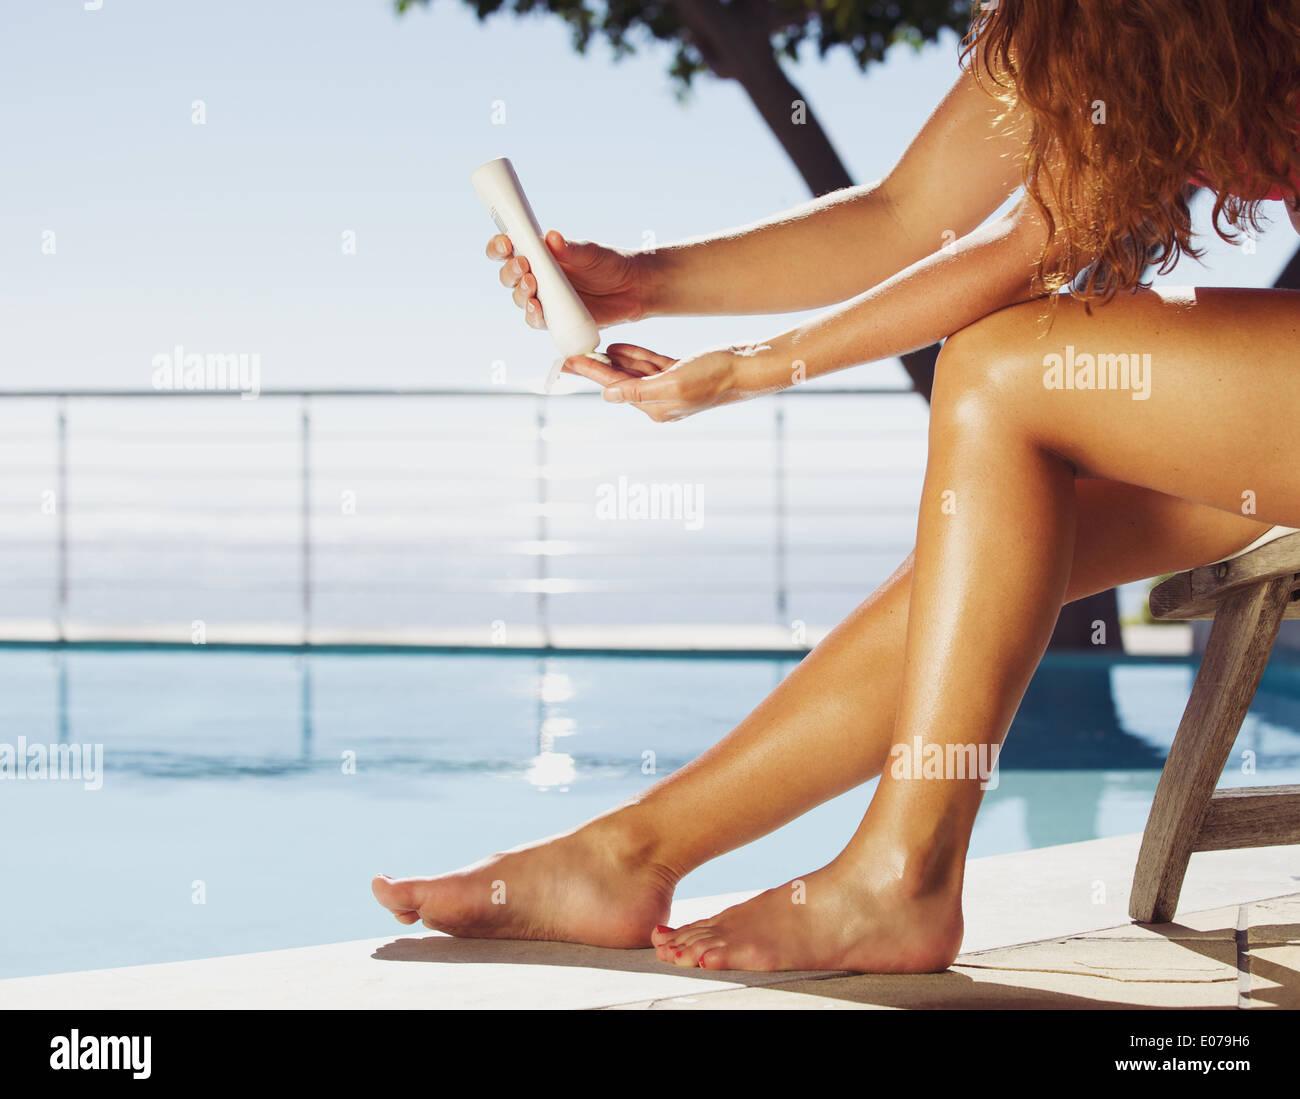 Femme assise sur une chaise longue au bord de la piscine l'application de la crème solaire sur les jambes. Modèle féminin bronzer au bord de l'eau. Photo Stock